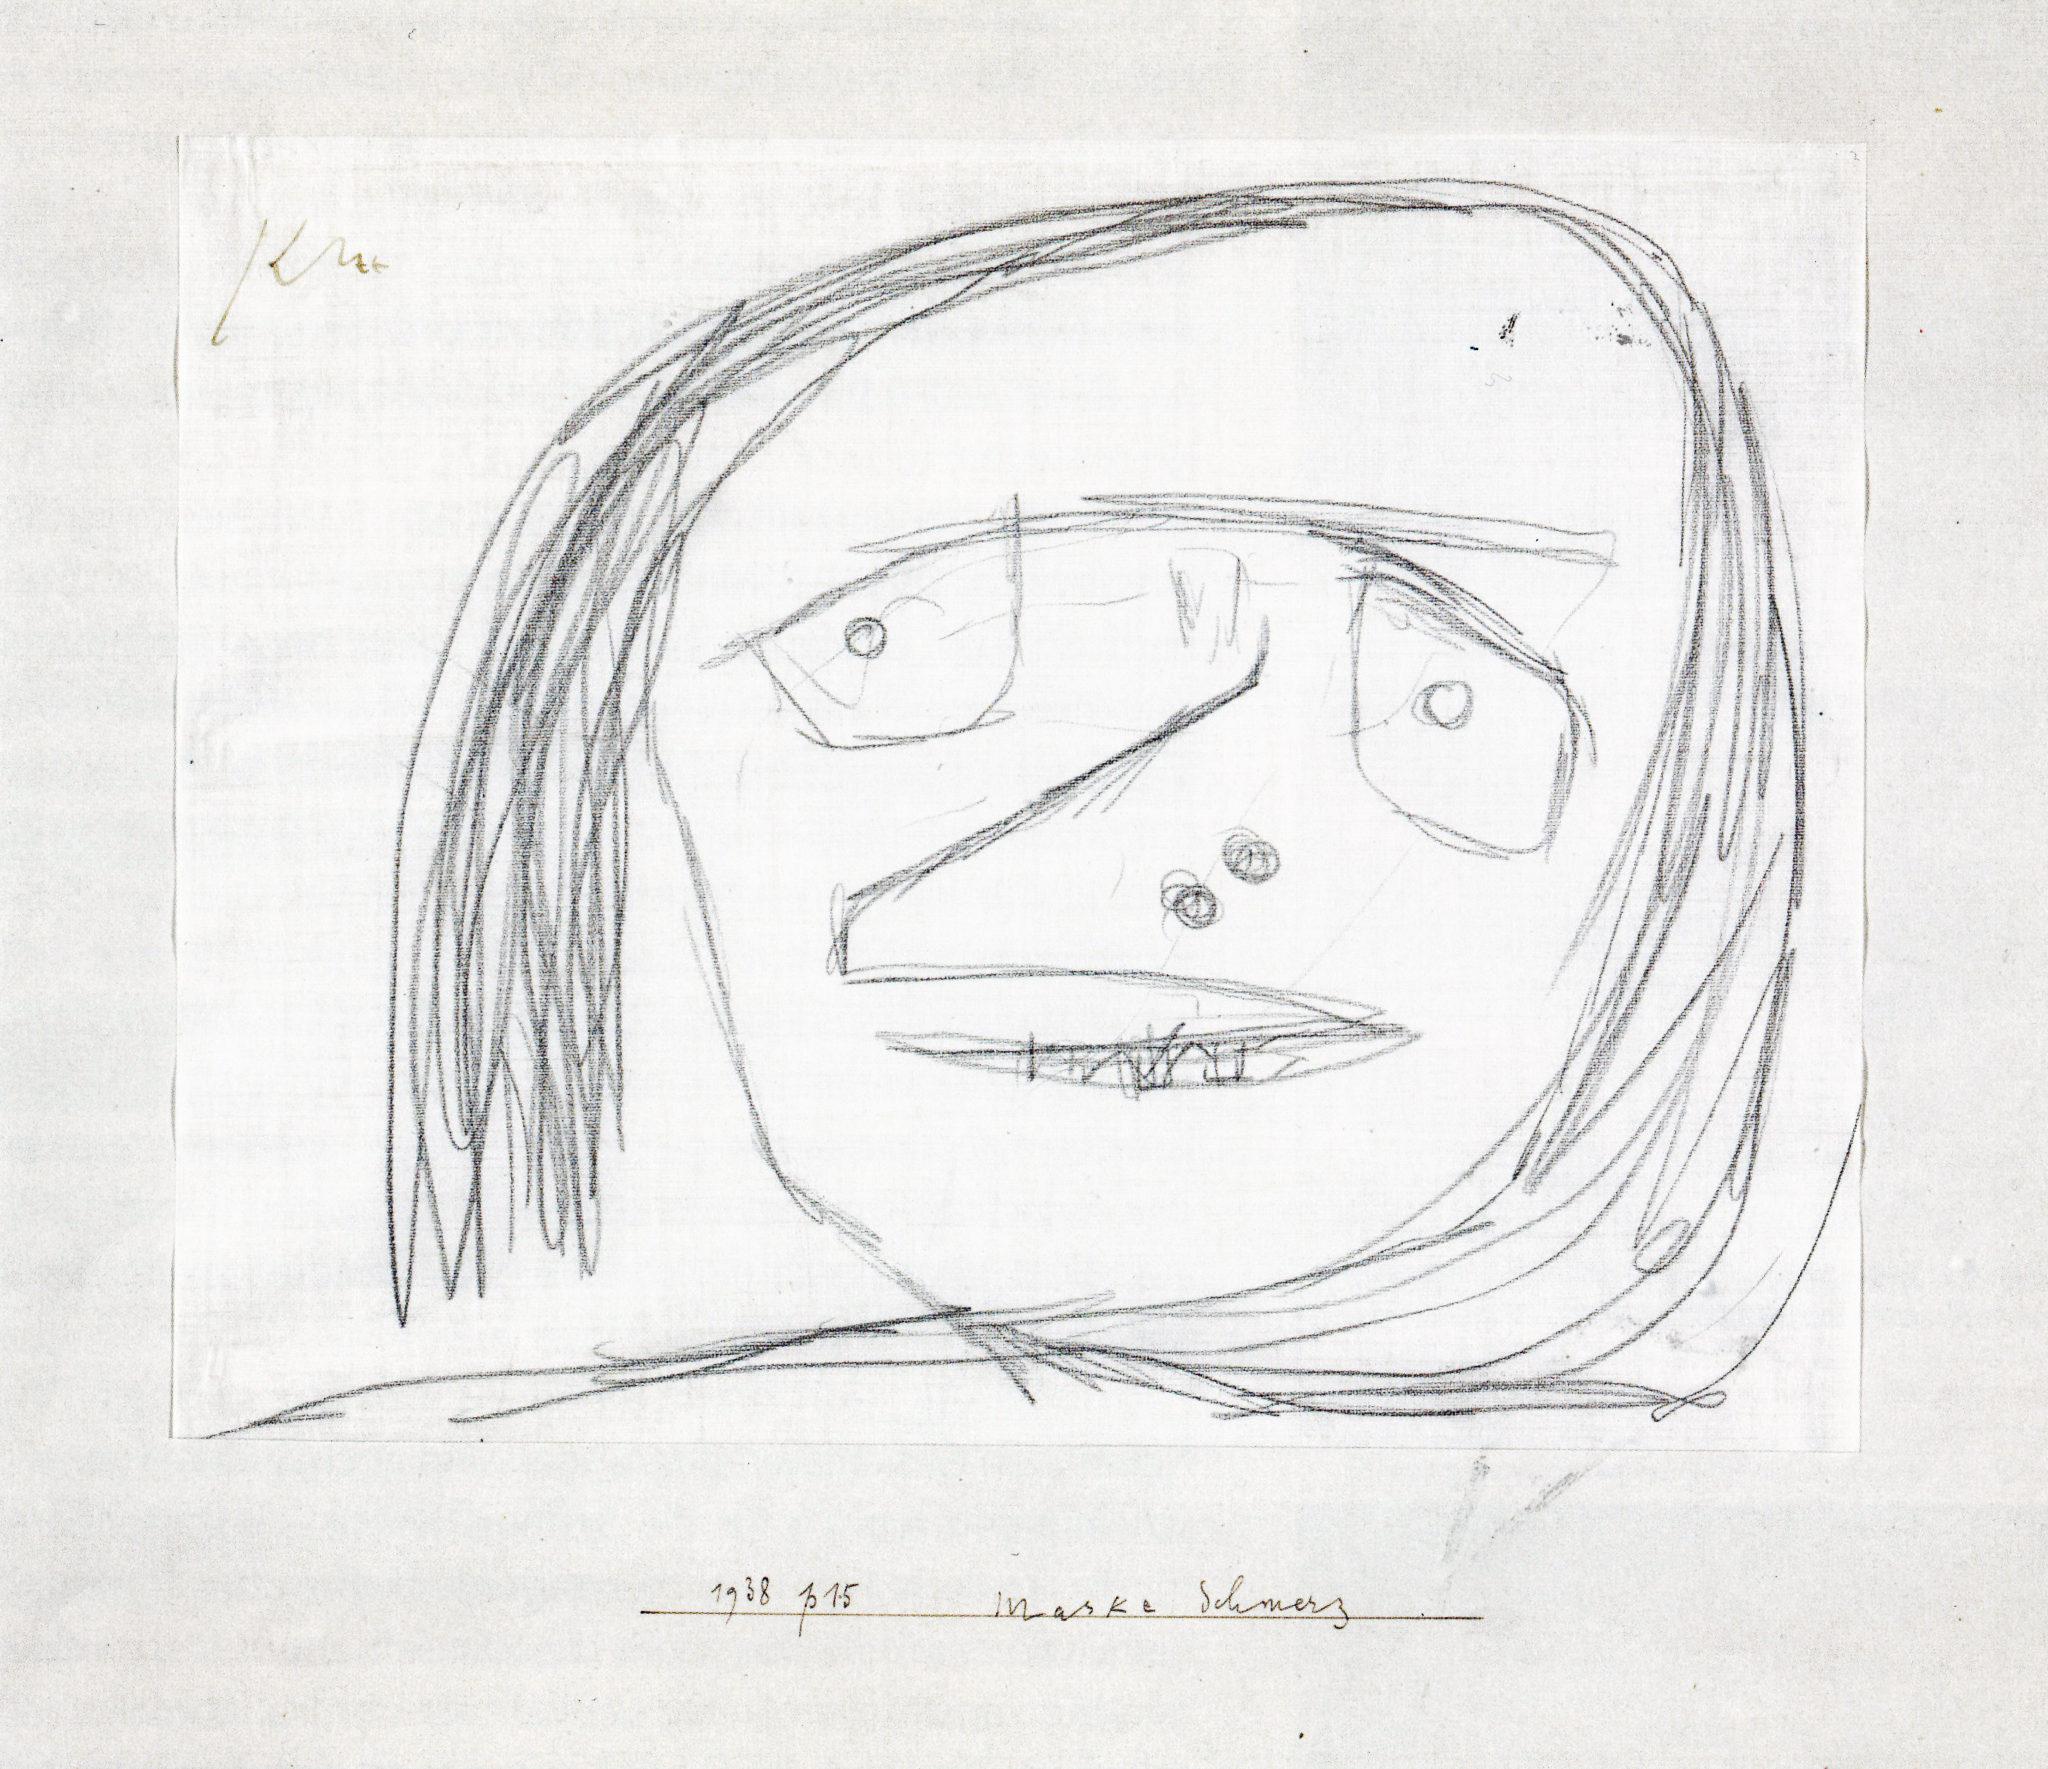 Maske Schmerz, 1938, 235 (P 15)